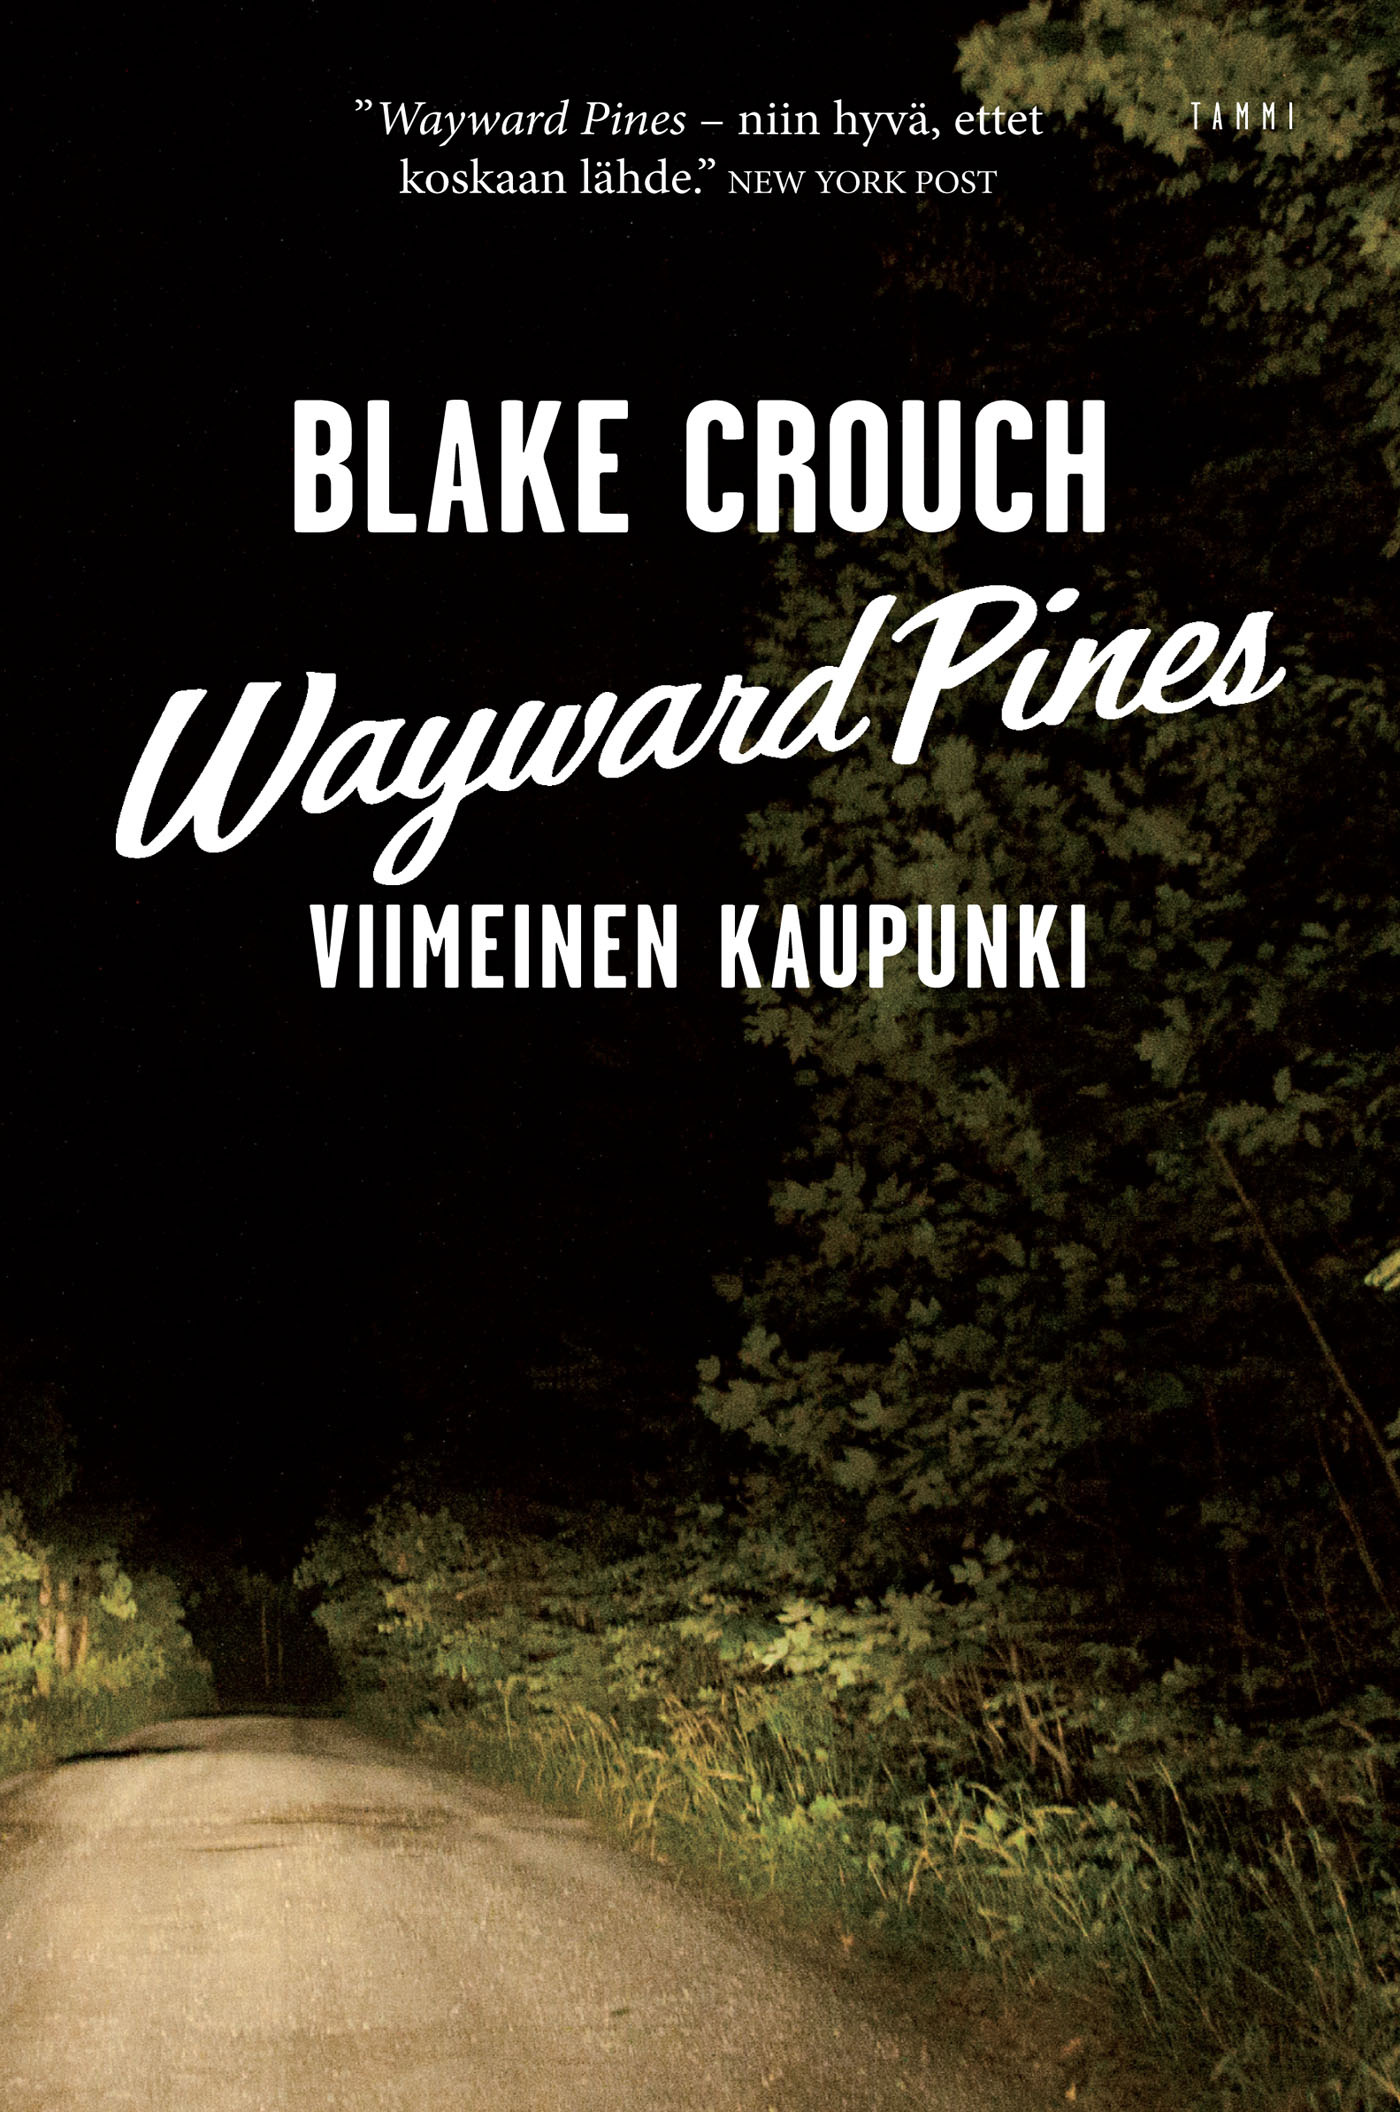 Crouch, Blake - Wayward Pines: Viimeinen kaupunki, e-kirja